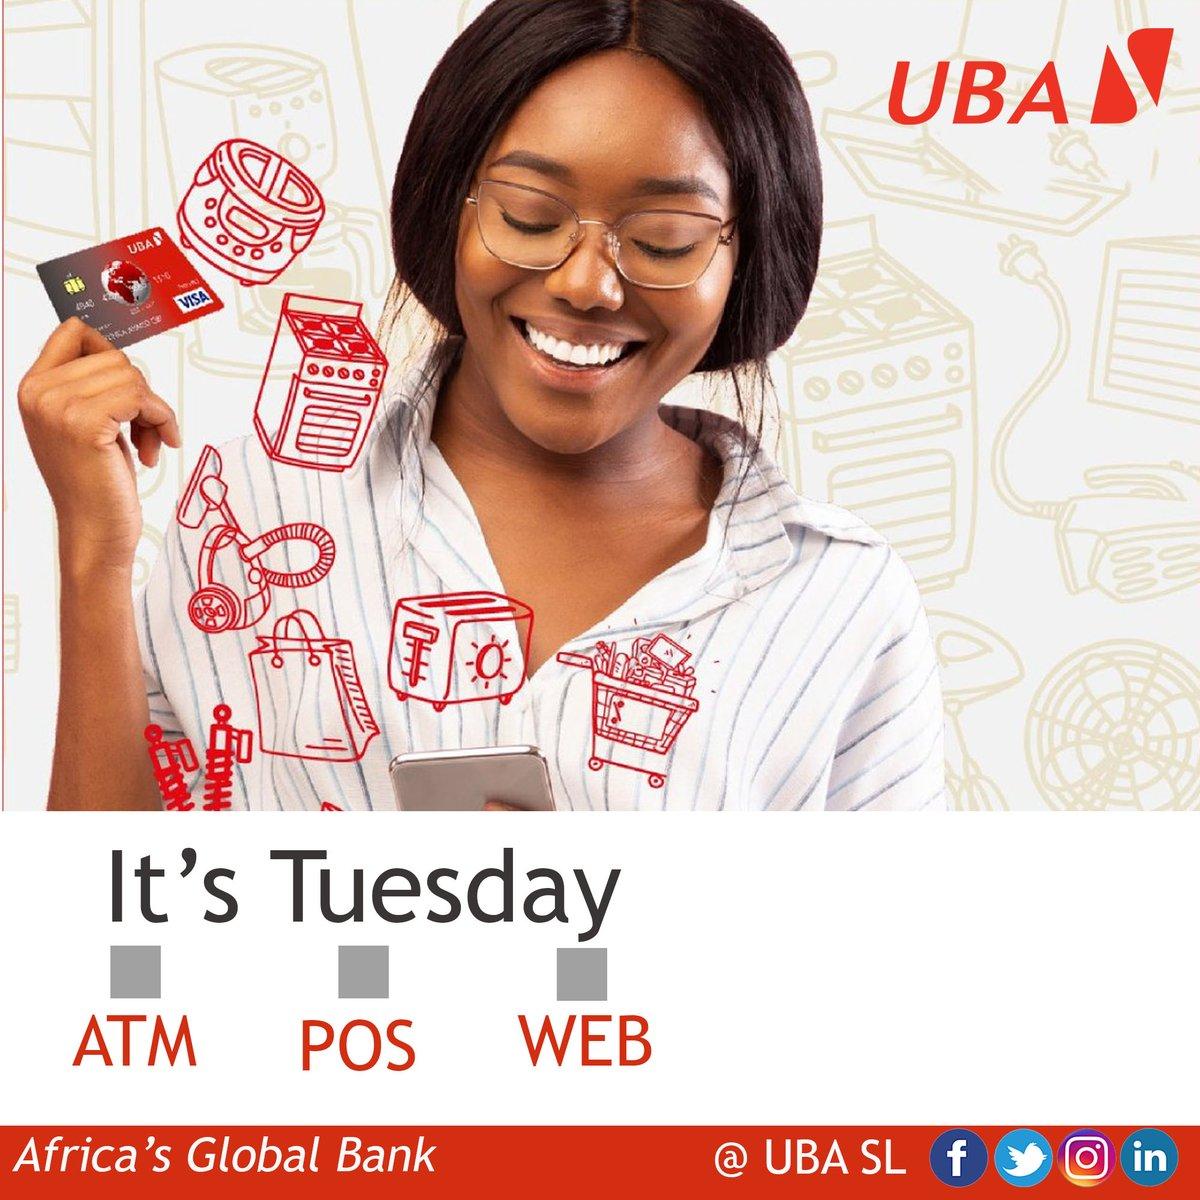 Enjoy the Cashless Life with UBA Prepaid Card  #UBAPrepaidCard #UBASierraLeone #TuesdayMorning #AfricasGlobalBank